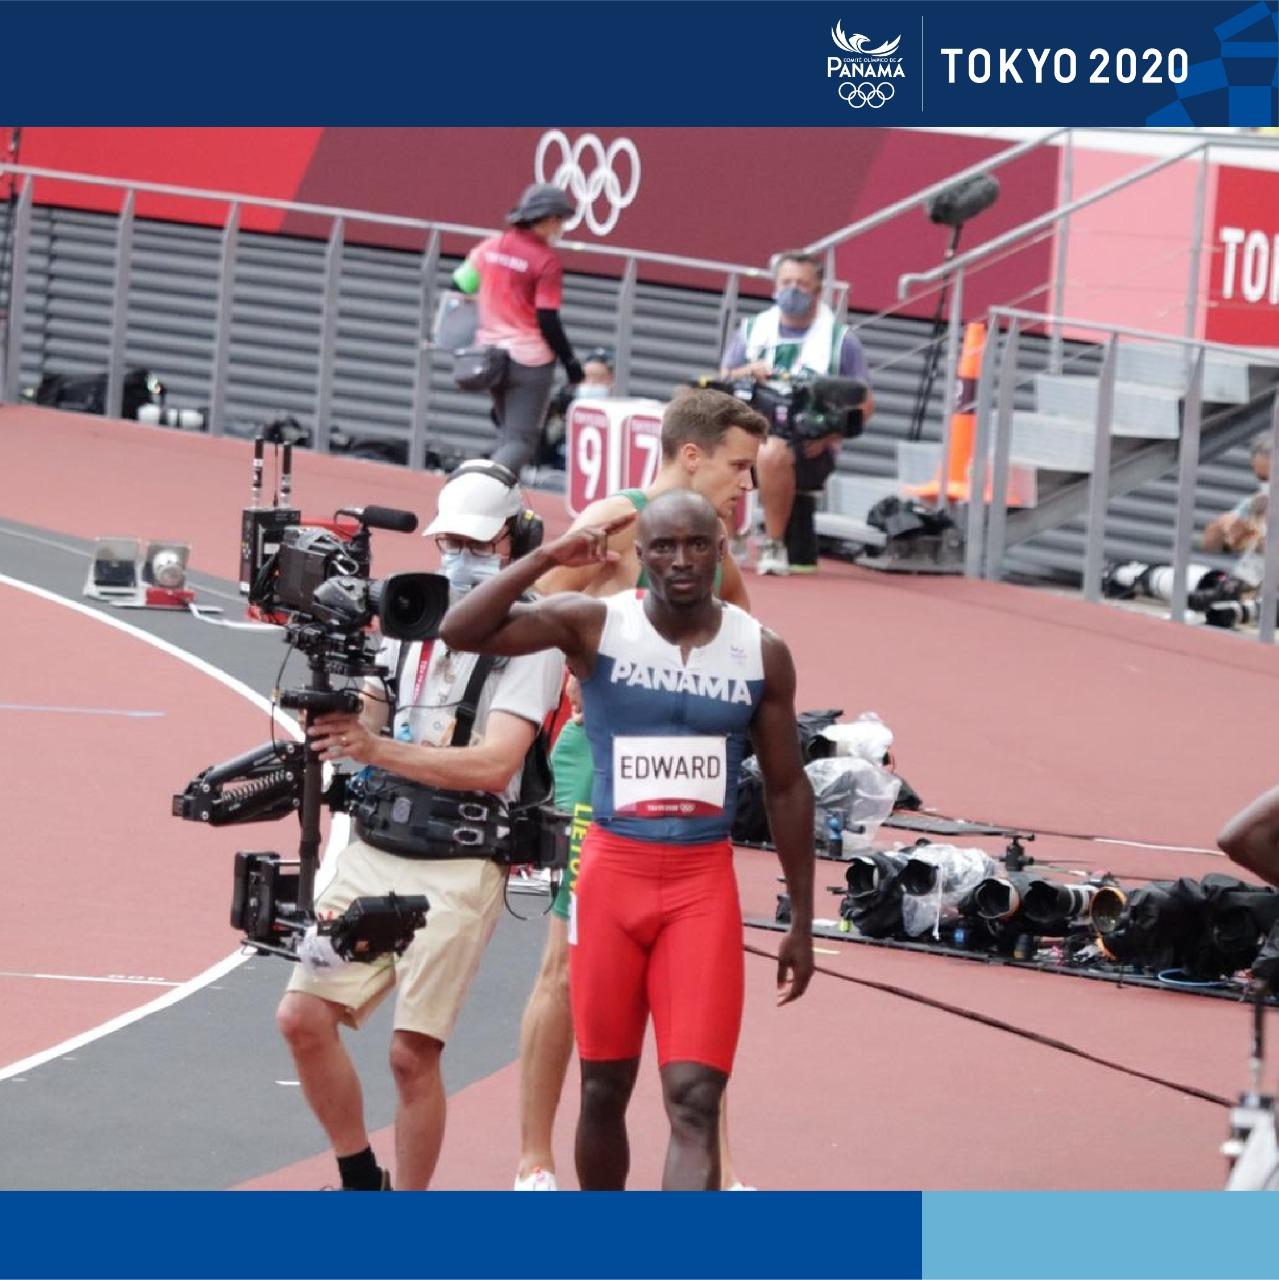 Alonso Edward clasifica a las semifinales de los 200 metros planos en las olimpiadas 2021